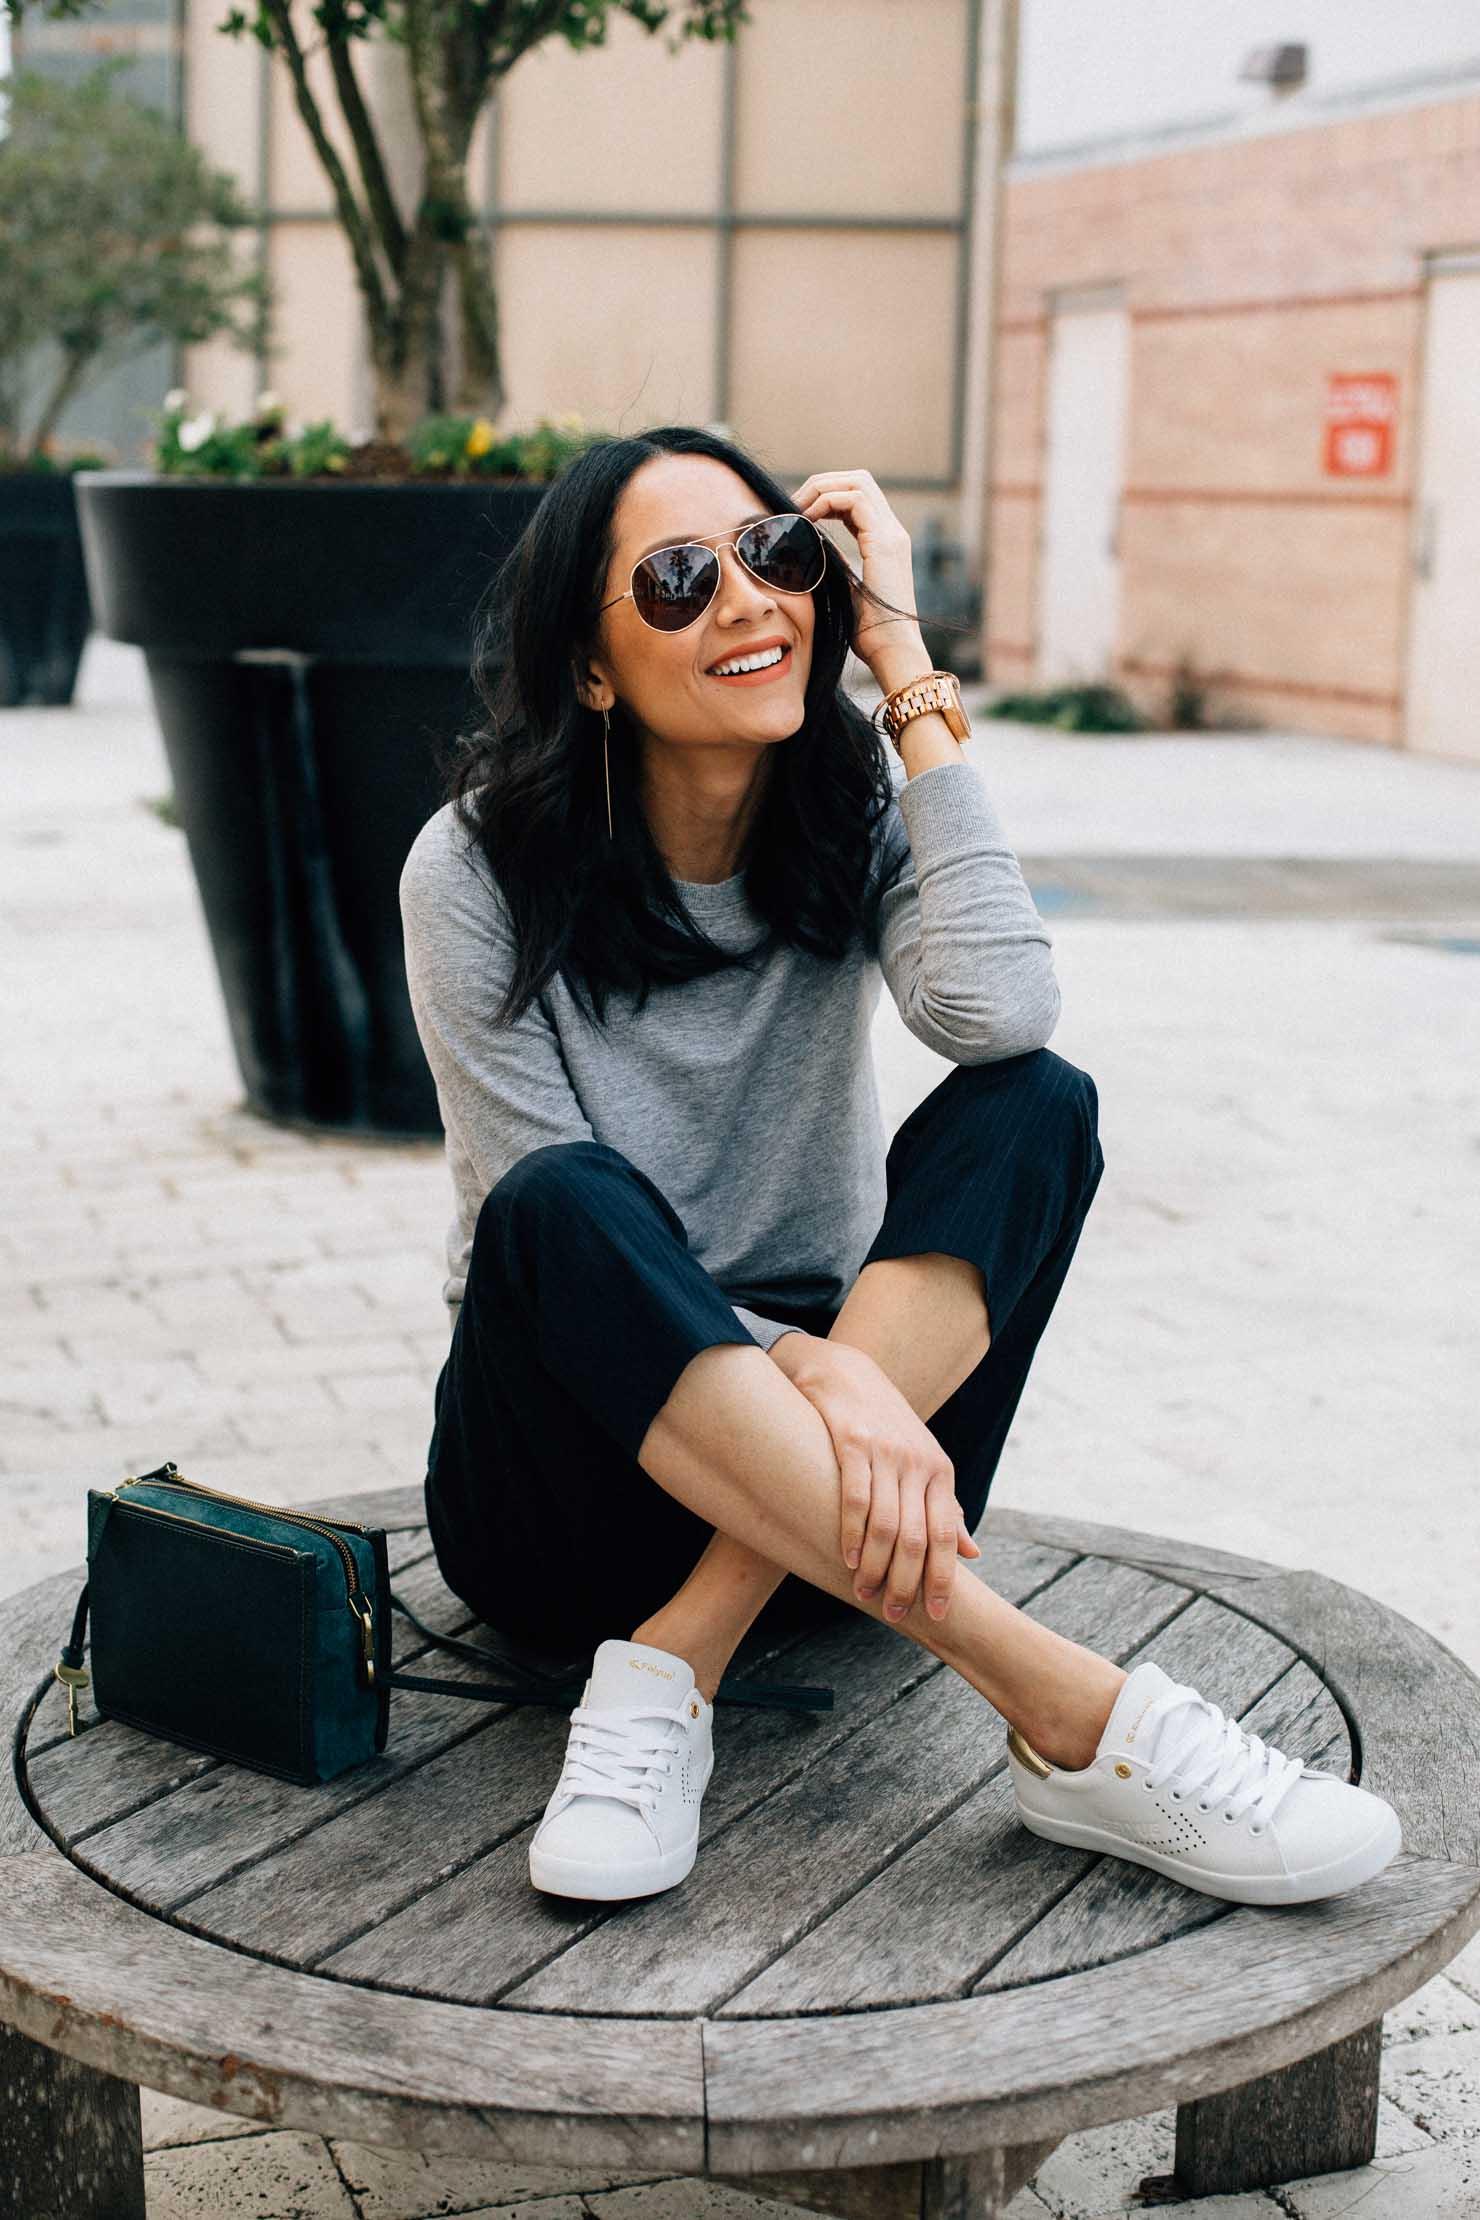 Sneakers & Slacks: A Casual Way To Wear Dressy Pants